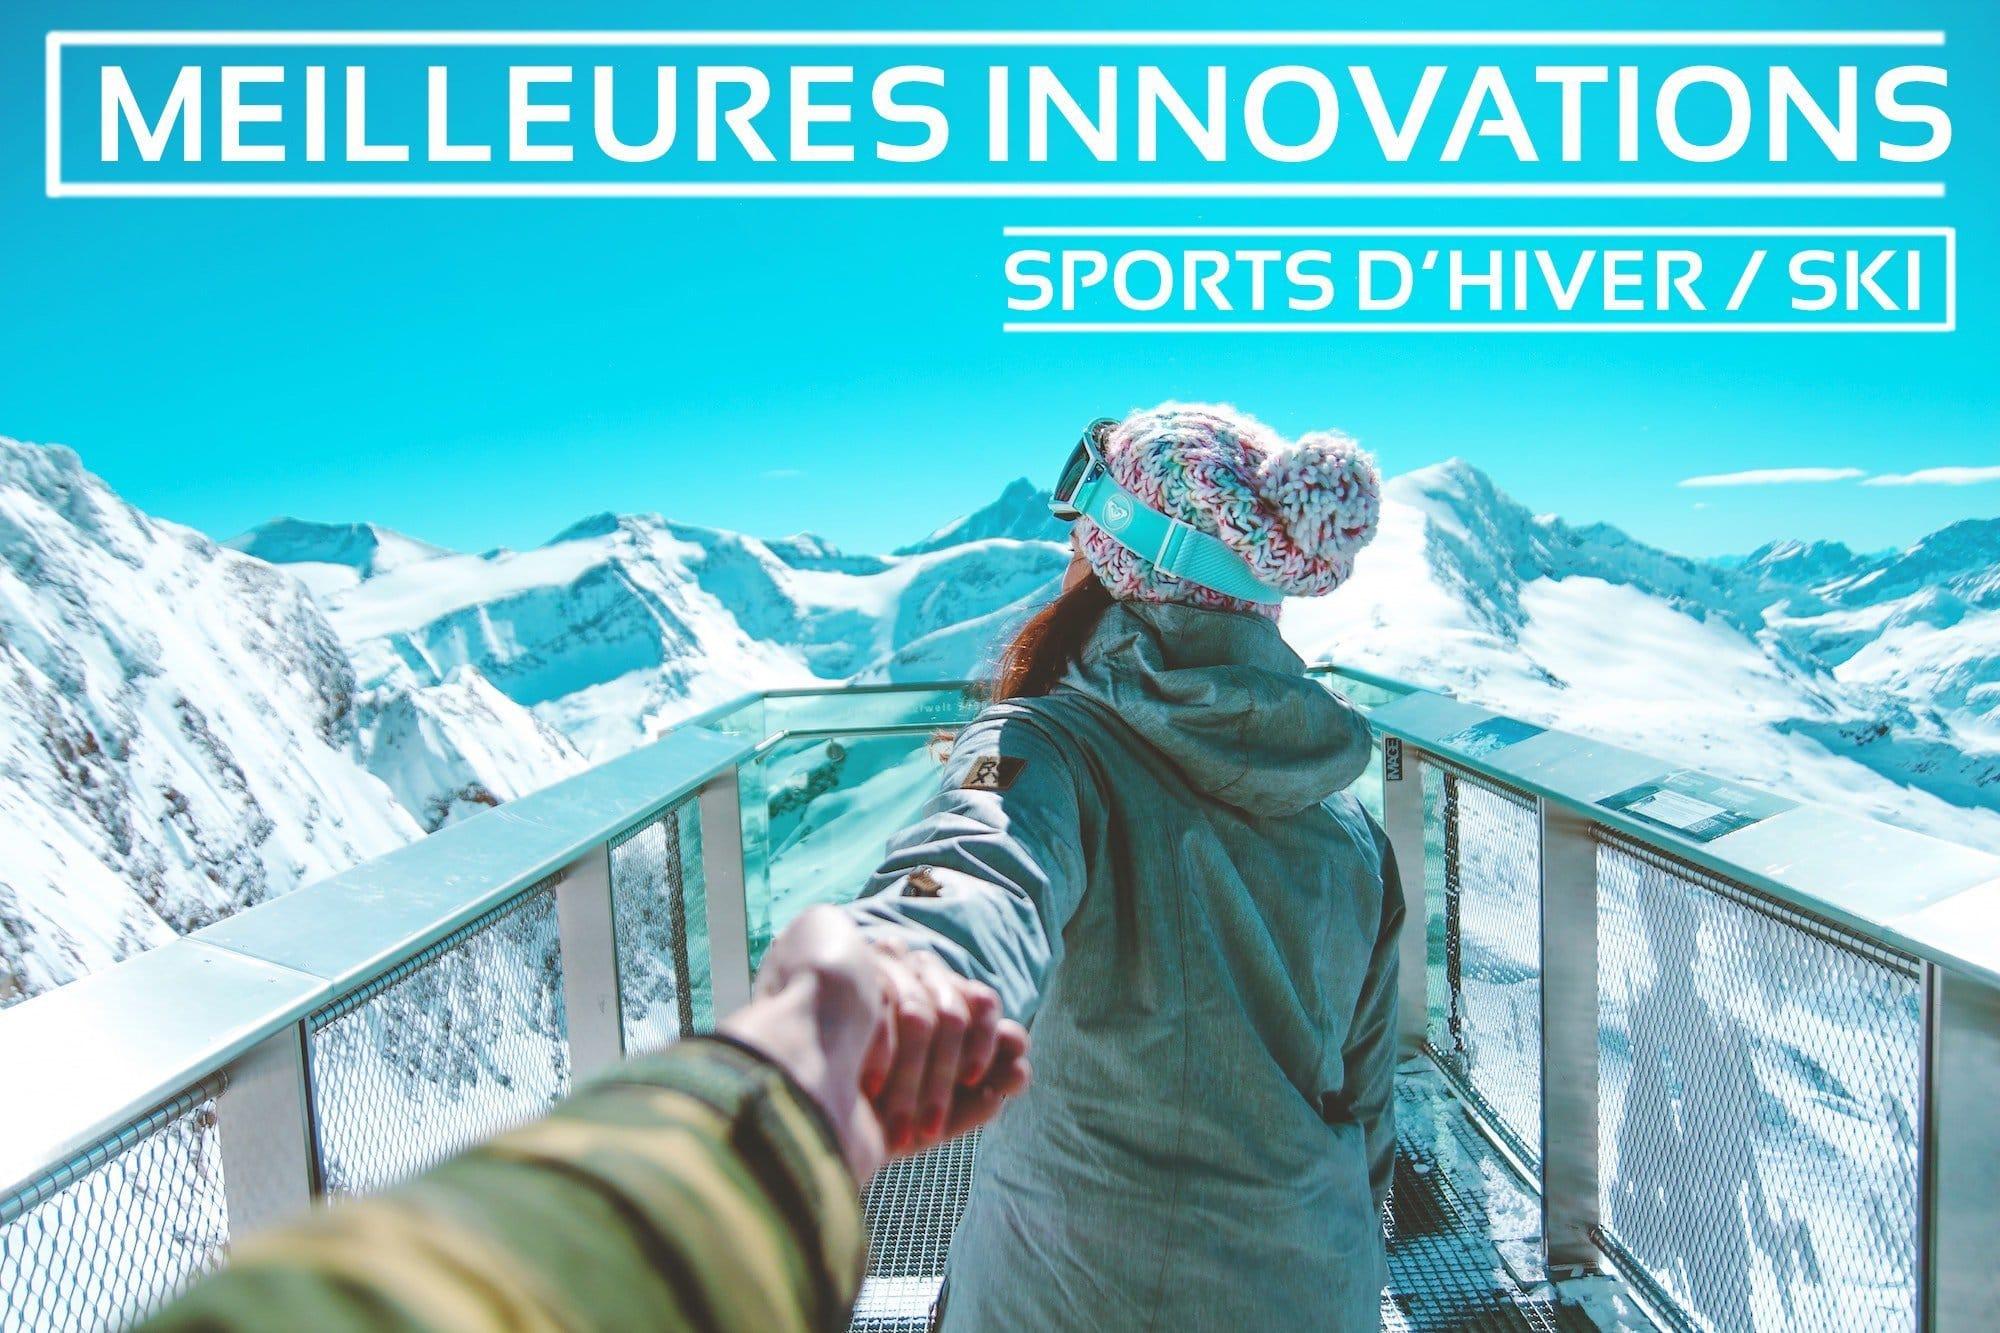 Meilleures innovations pour le ski, le snowboard et les sports d'hiver